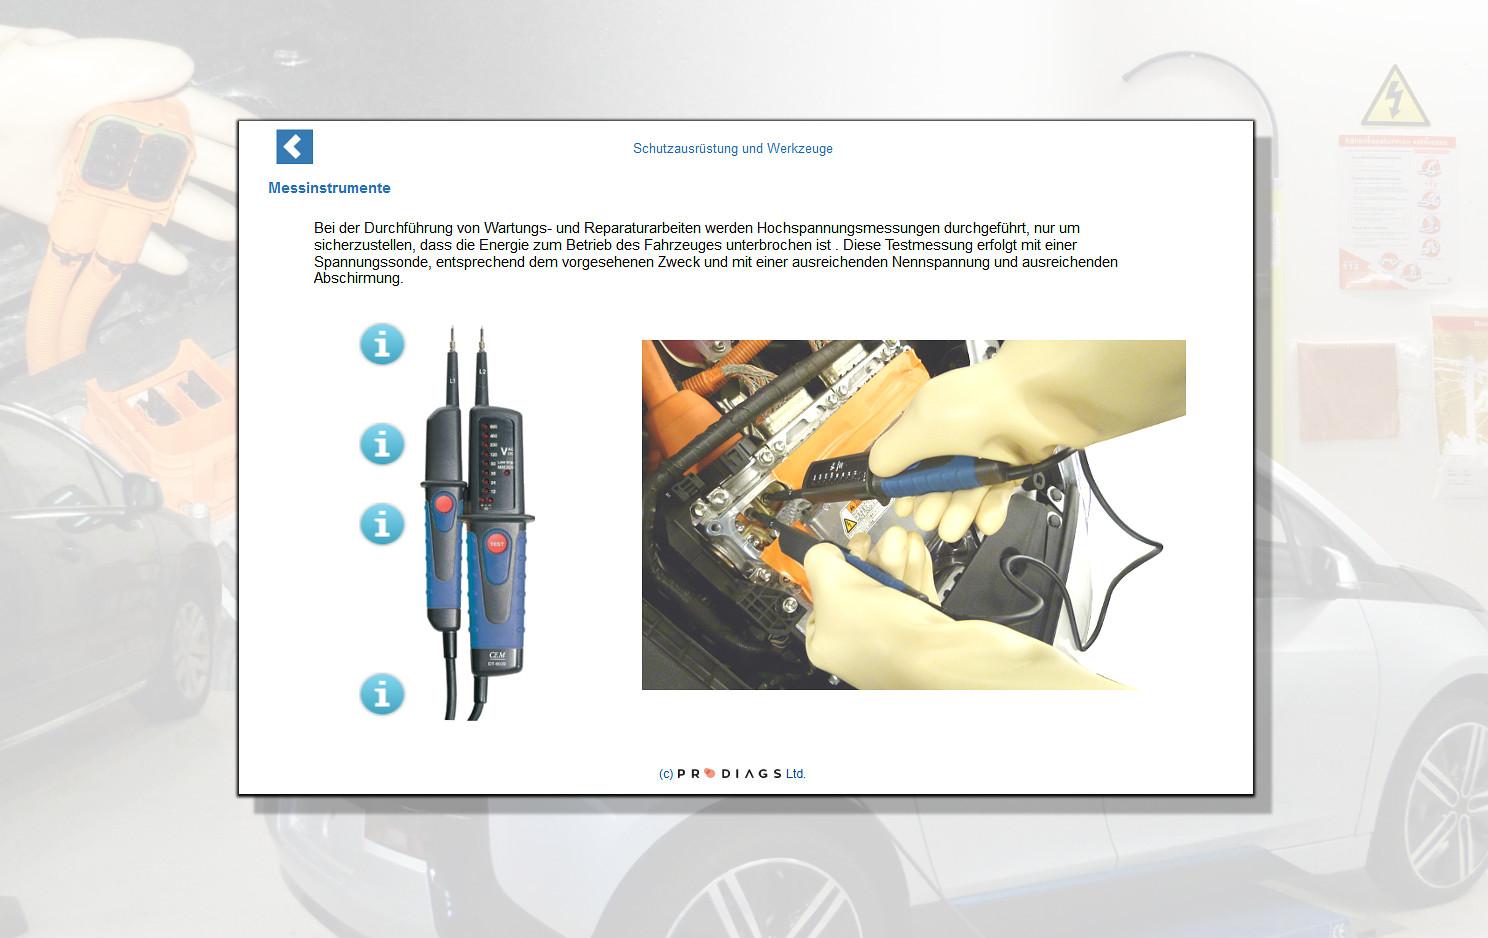 Mit diesem Trainingsmodul für Hybrid- und Elektrofahrzeuge lernen Sie, wie das Laden eines Hybrid- oder Elektrofahrzeugs funktioniert. Sie werden auch lernen, wie man das elektrische System misst, um sicherzustellen, dass das Fahrzeug sicher zu bearbeiten ist. Die Messung eines Hochspannungsnetzes in einem Auto kann sehr gefährlich sein, und Sie müssen die richtigen Verfahren kennen, um Ihre Sicherheit zu gewährleisten. Dies gilt für die Arbeit an einem Hybrid- oder Elektrofahrzeug im Allgemeinen.